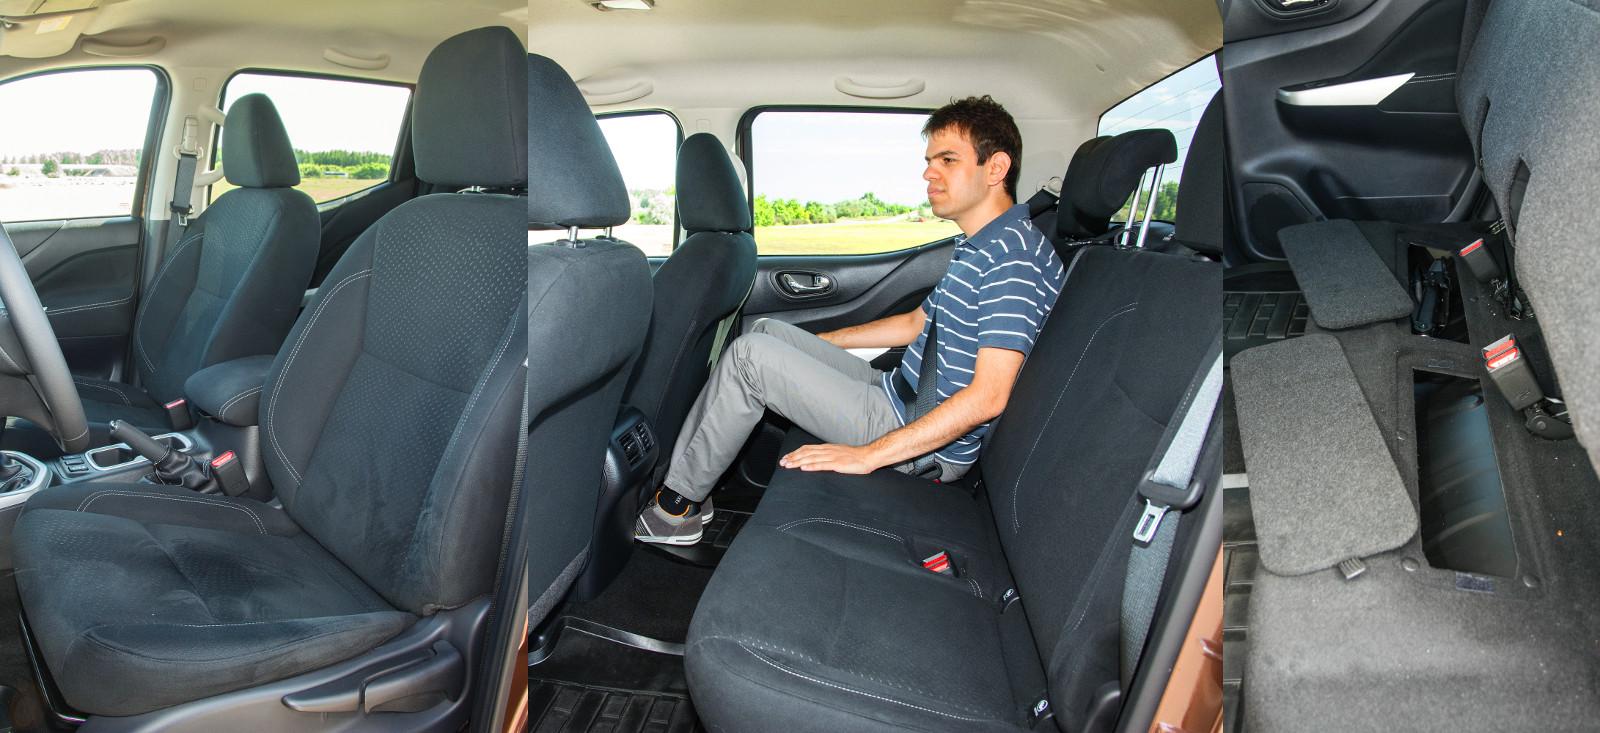 Kényelmes, pedig nem sokat tart az ülés. Sok a hely hátul, de alacsonyra került az ülőlap. Csomagtartó híján felhajtható a hátsó ülés